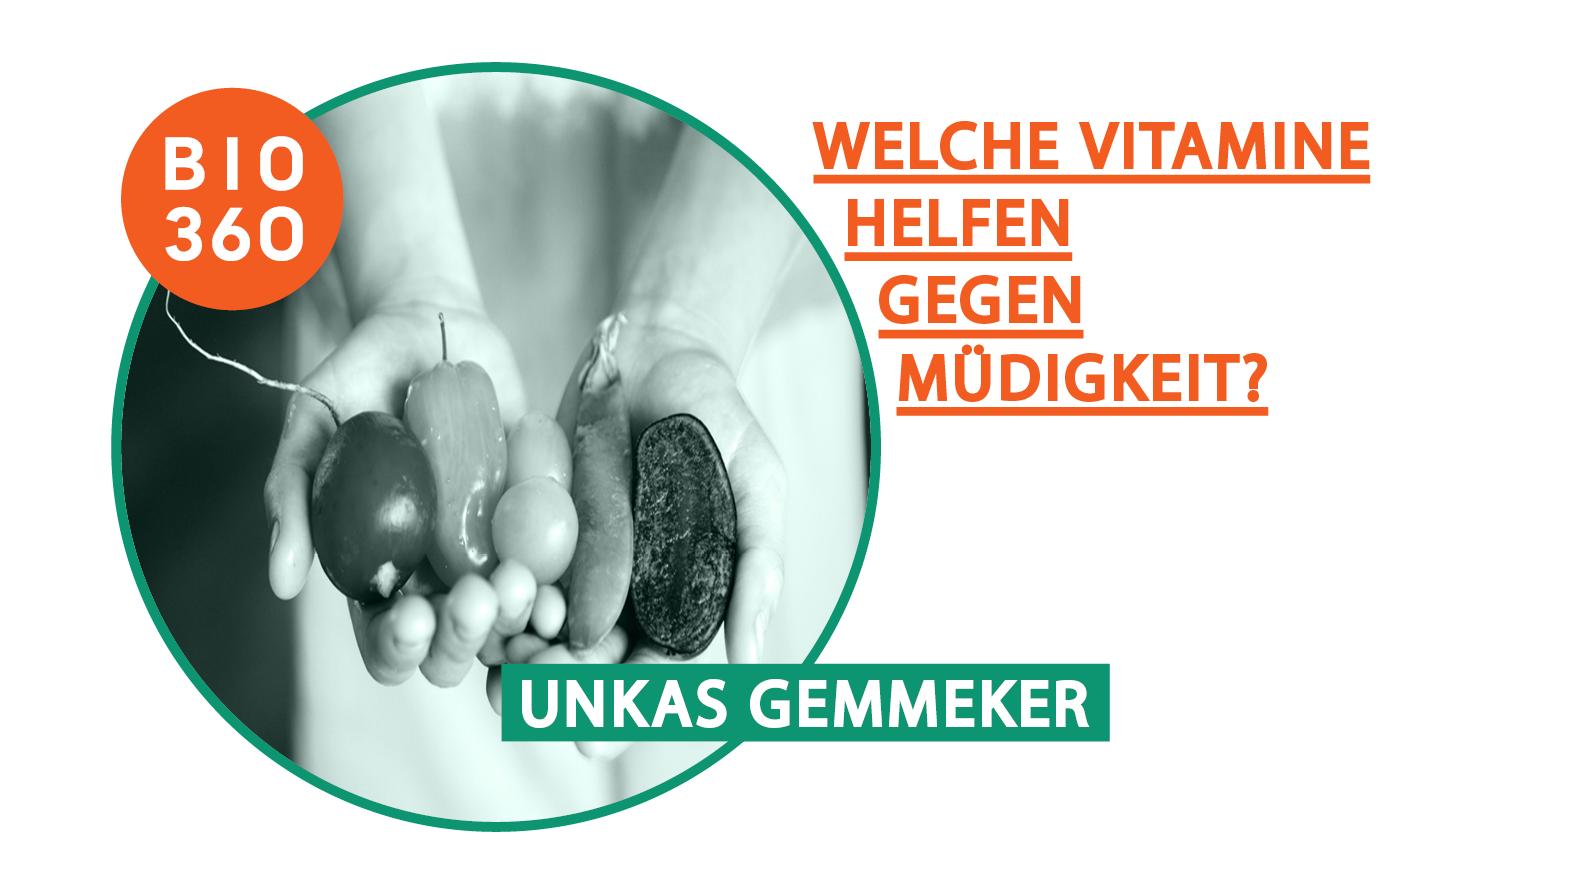 Vitamine gegen Müdigkeit aus frischem Gemüse und Obst in zwei Kinderhänden mit Radieschen, Paprika, Rosenkohl Bio360